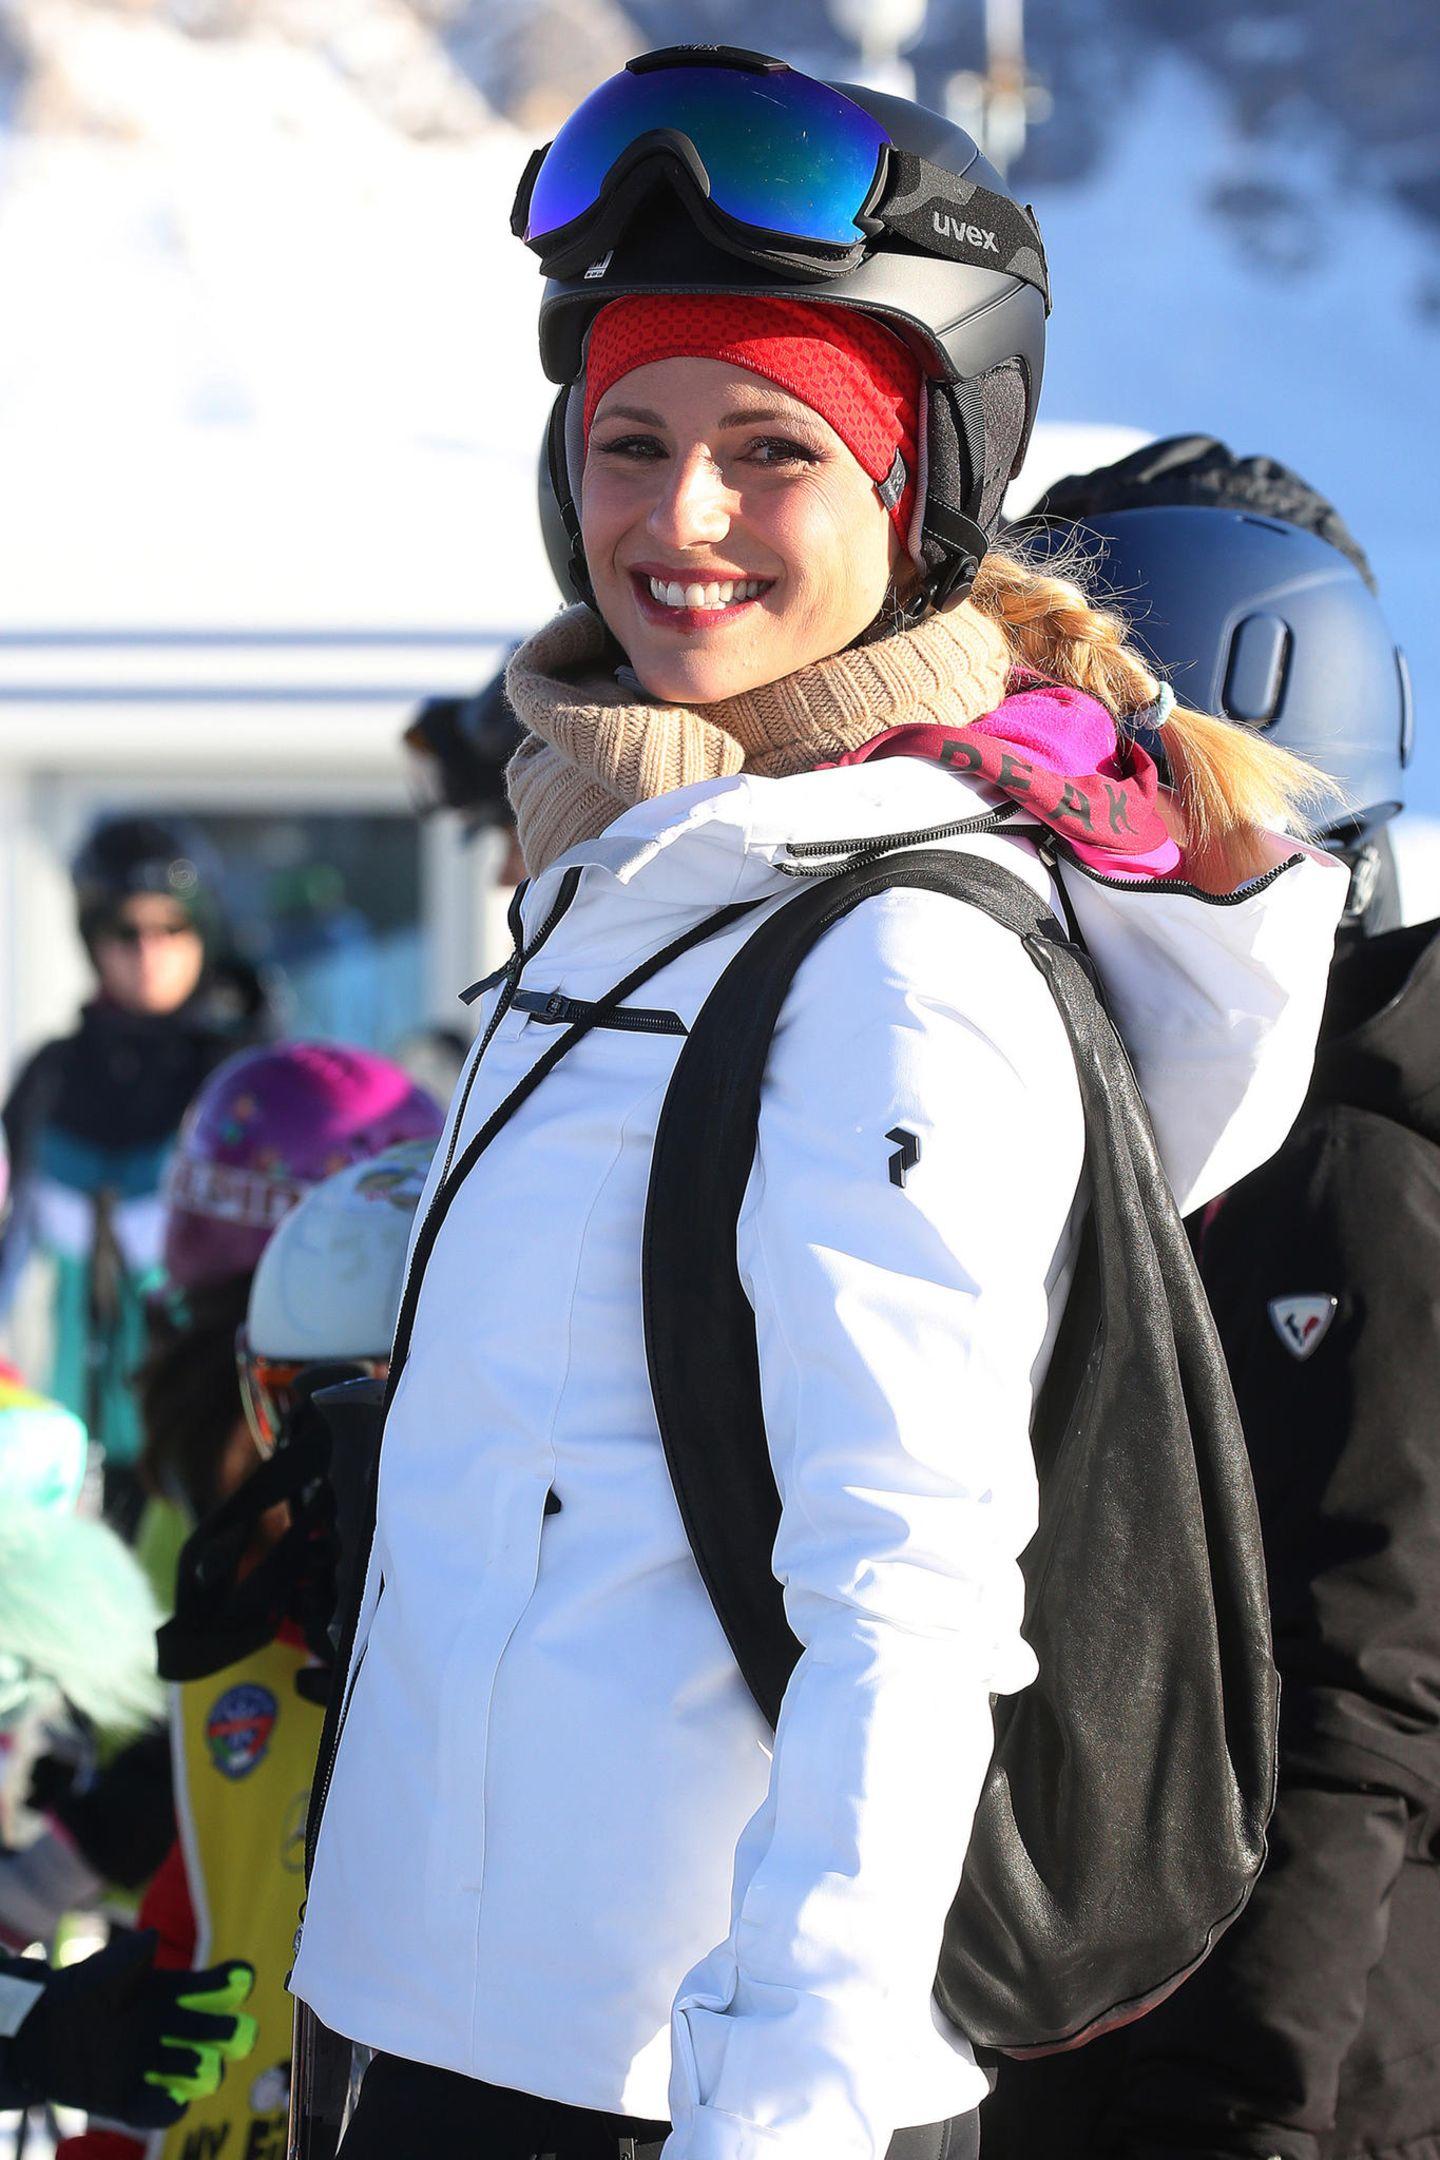 Wenn sie nicht gerade mit ihren Kids rodelt, übt sich Michelle als begeisterte Ski-Fahrerin. Dabei kommen ihre zwei kleinen Töchter ganz nach ihr...